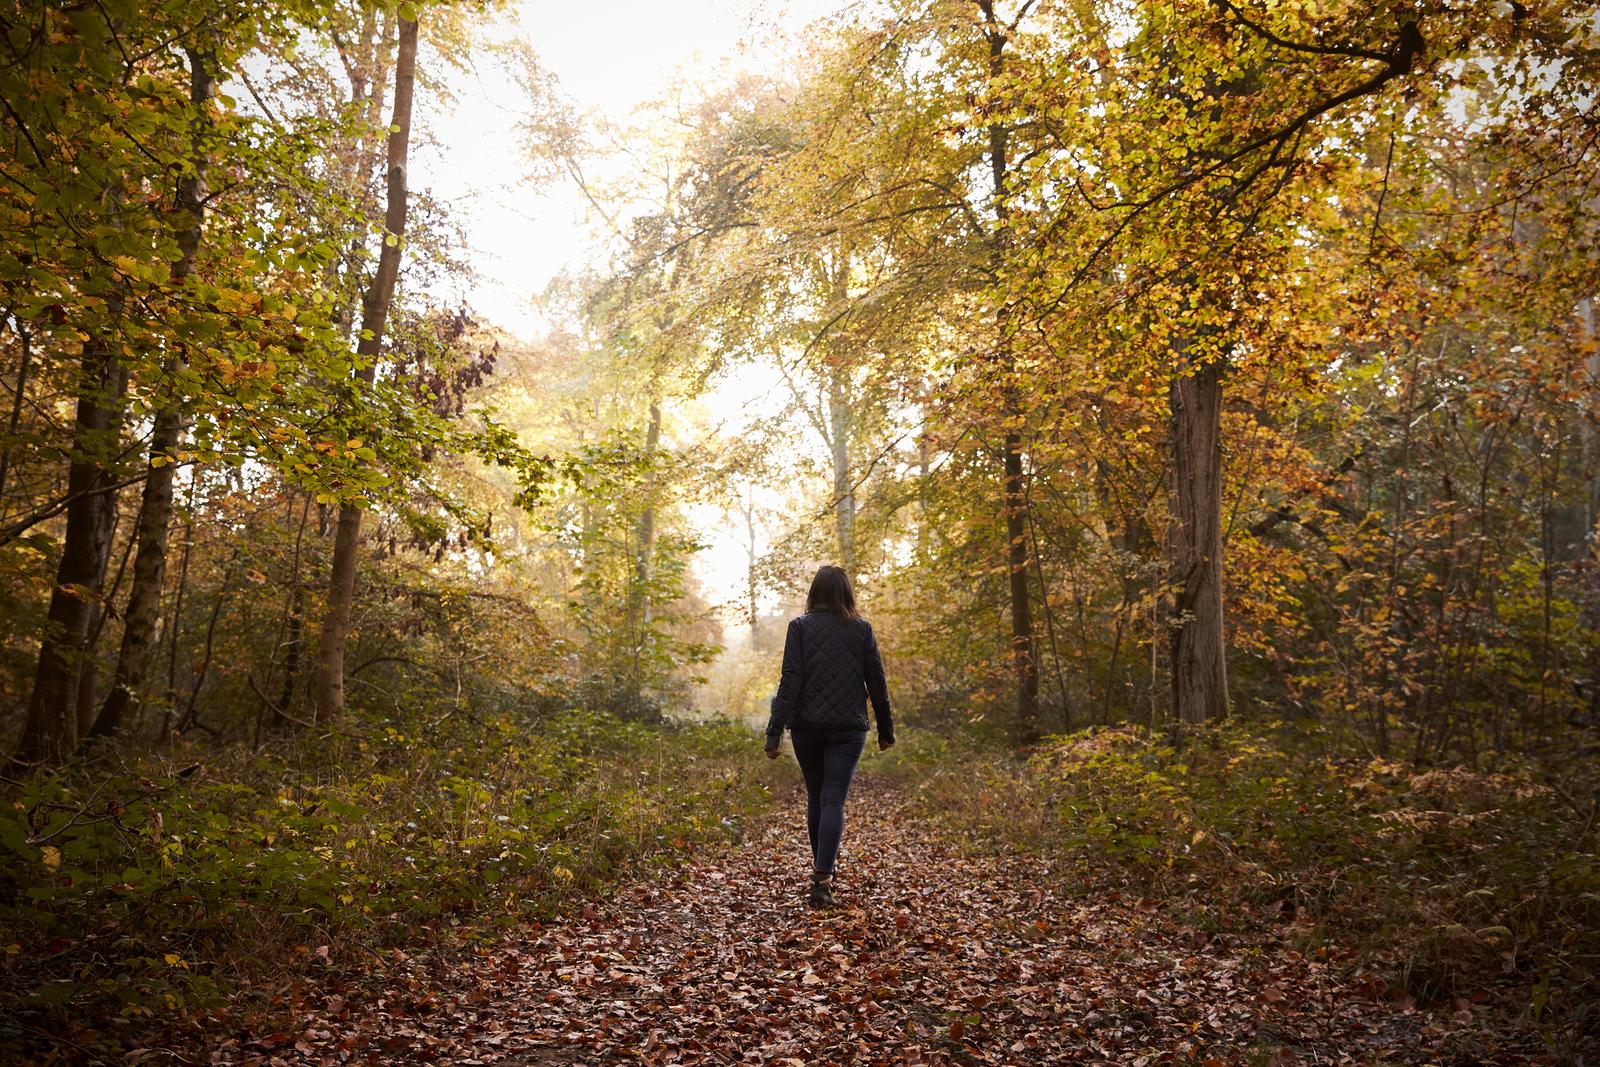 bigstock-Woman-Walking-Along-Path-In-Au-177631945.jpg